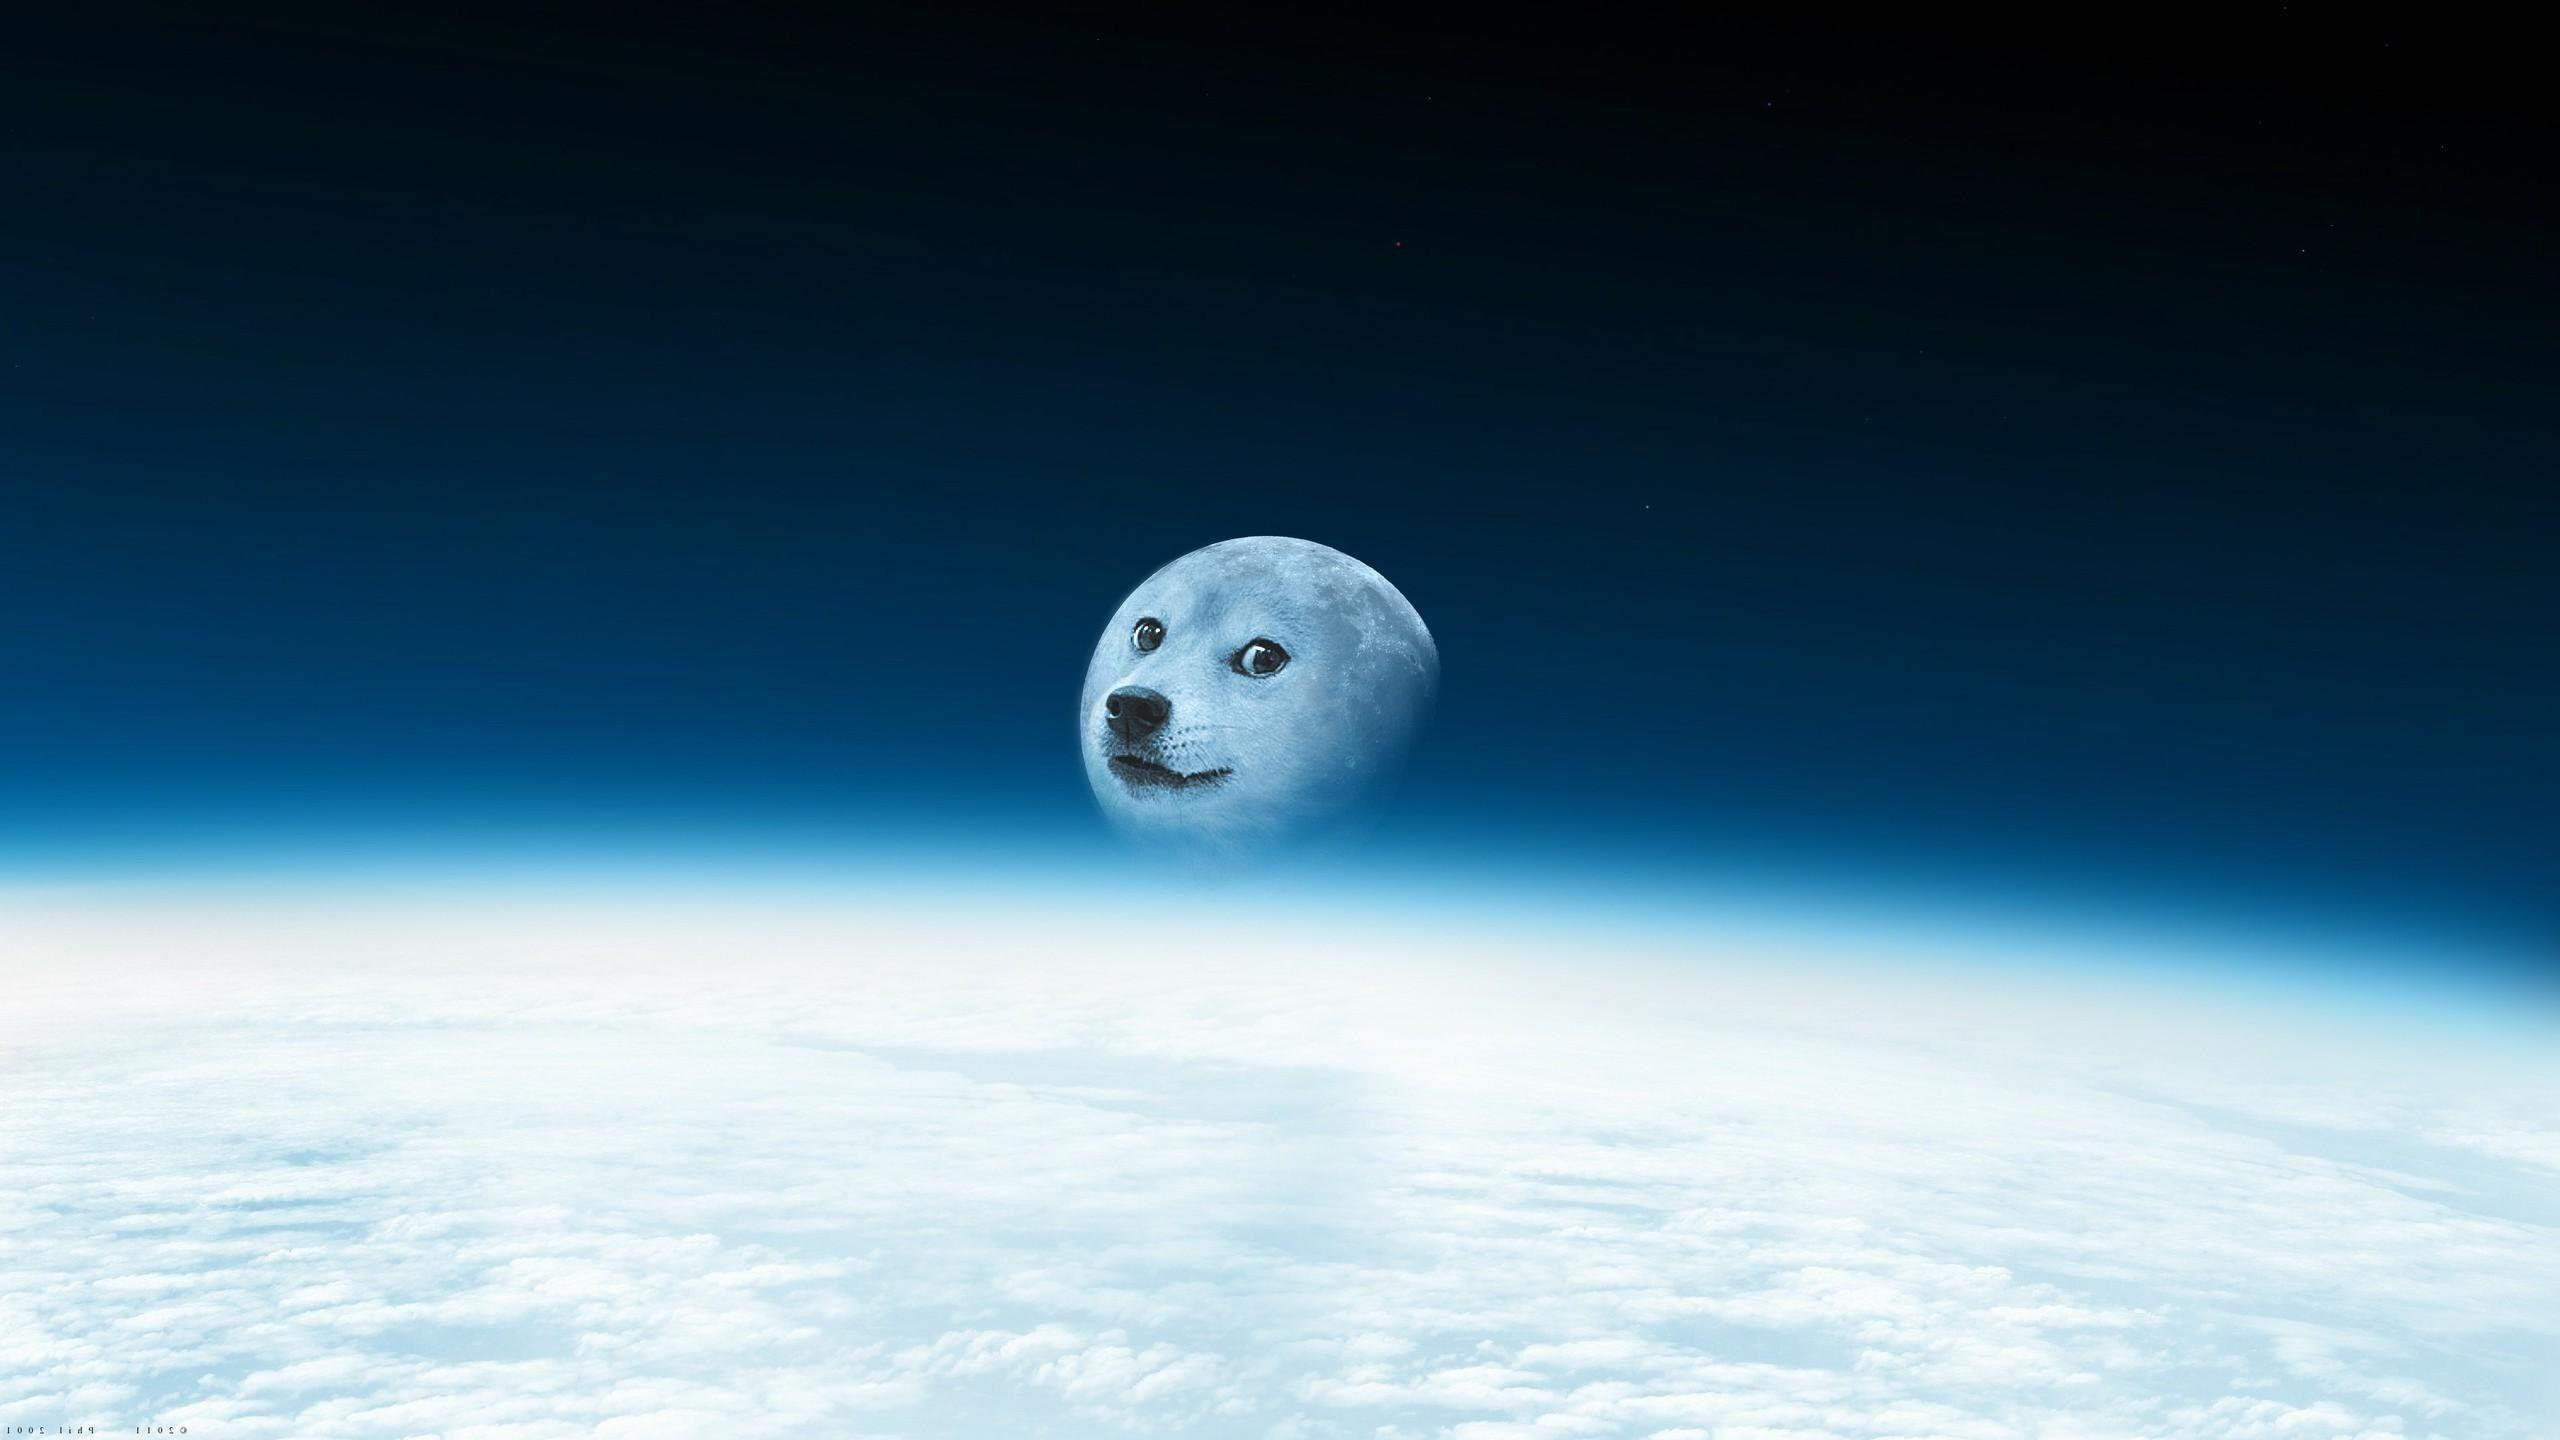 Awesome Doge Live WallpapersDogeDesktop Backgrounds